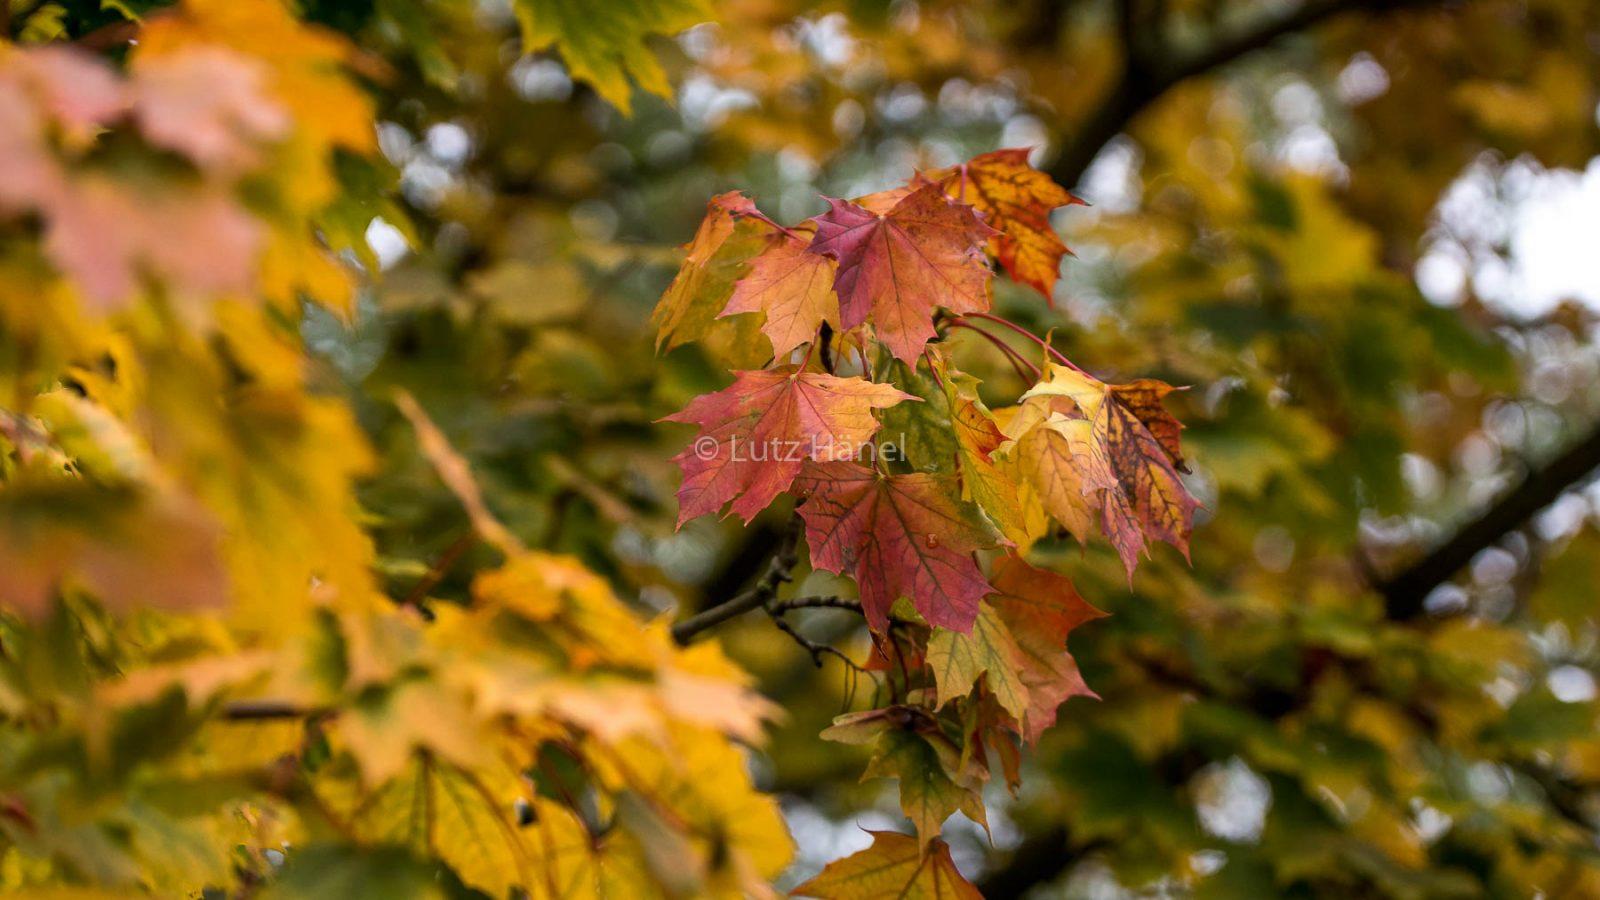 Jedes Jahr von neuen im Herbst kann man sich an den Herbstfarben erfreuen.